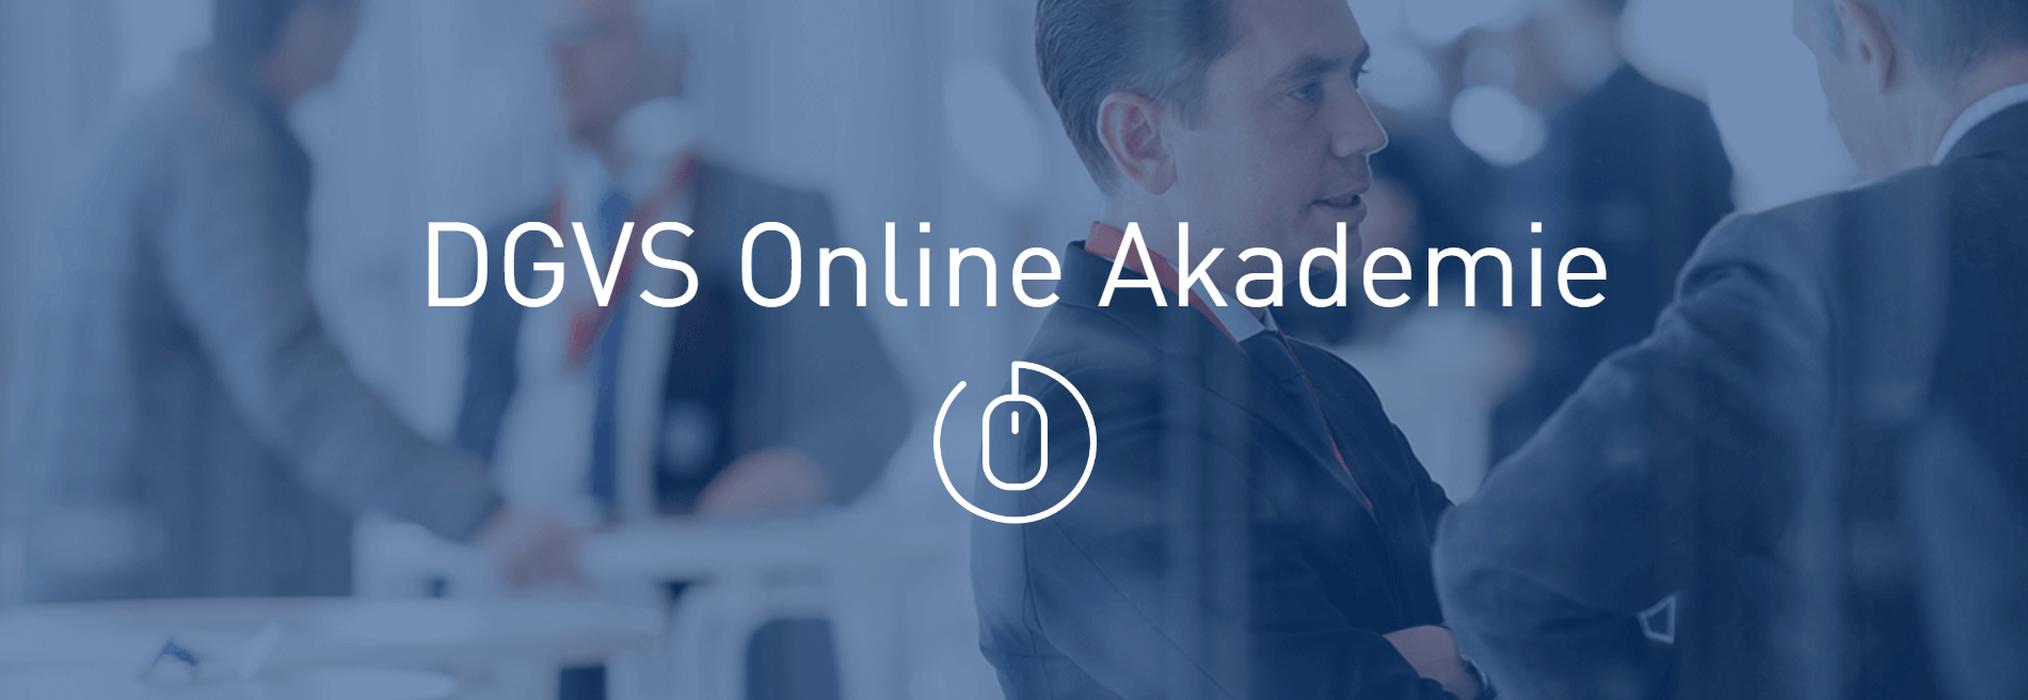 online-akademie-header_2028x700